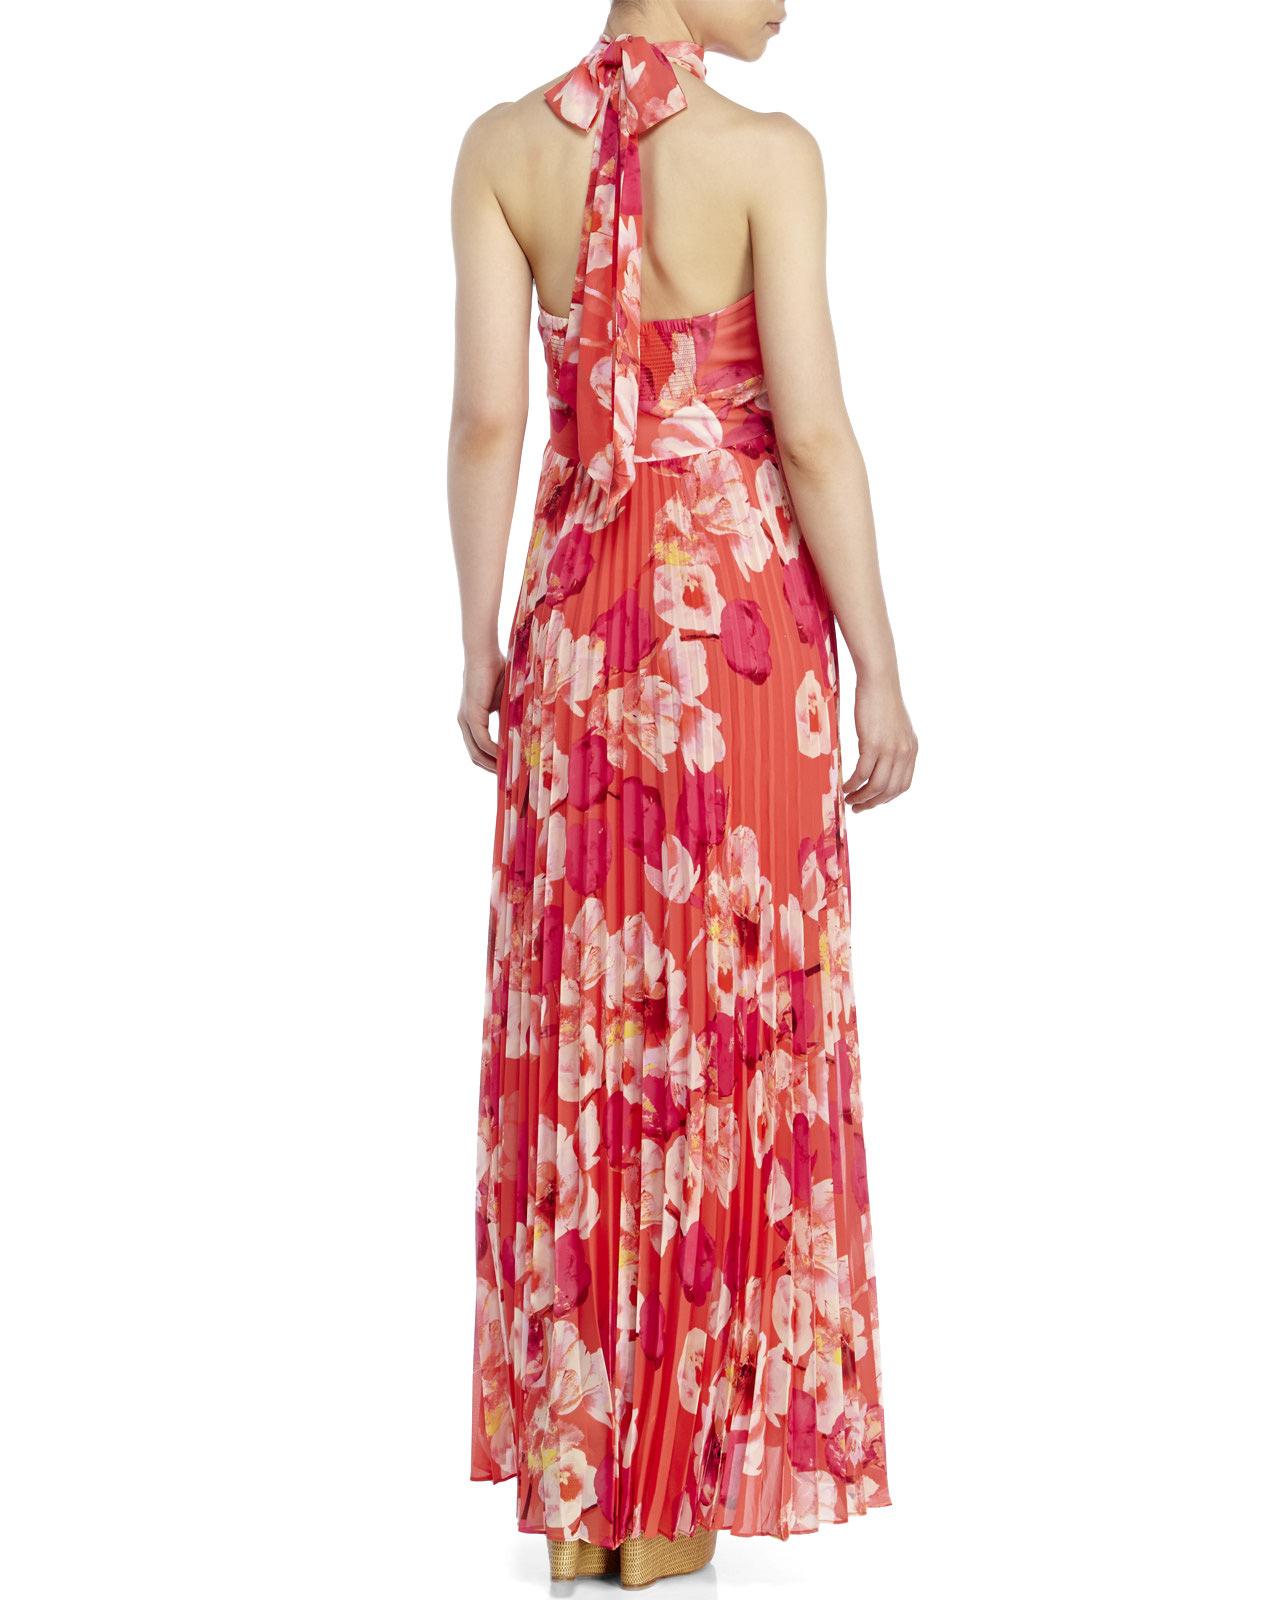 Lyst Eliza J Floral Chiffon Maxi Dress In Pink